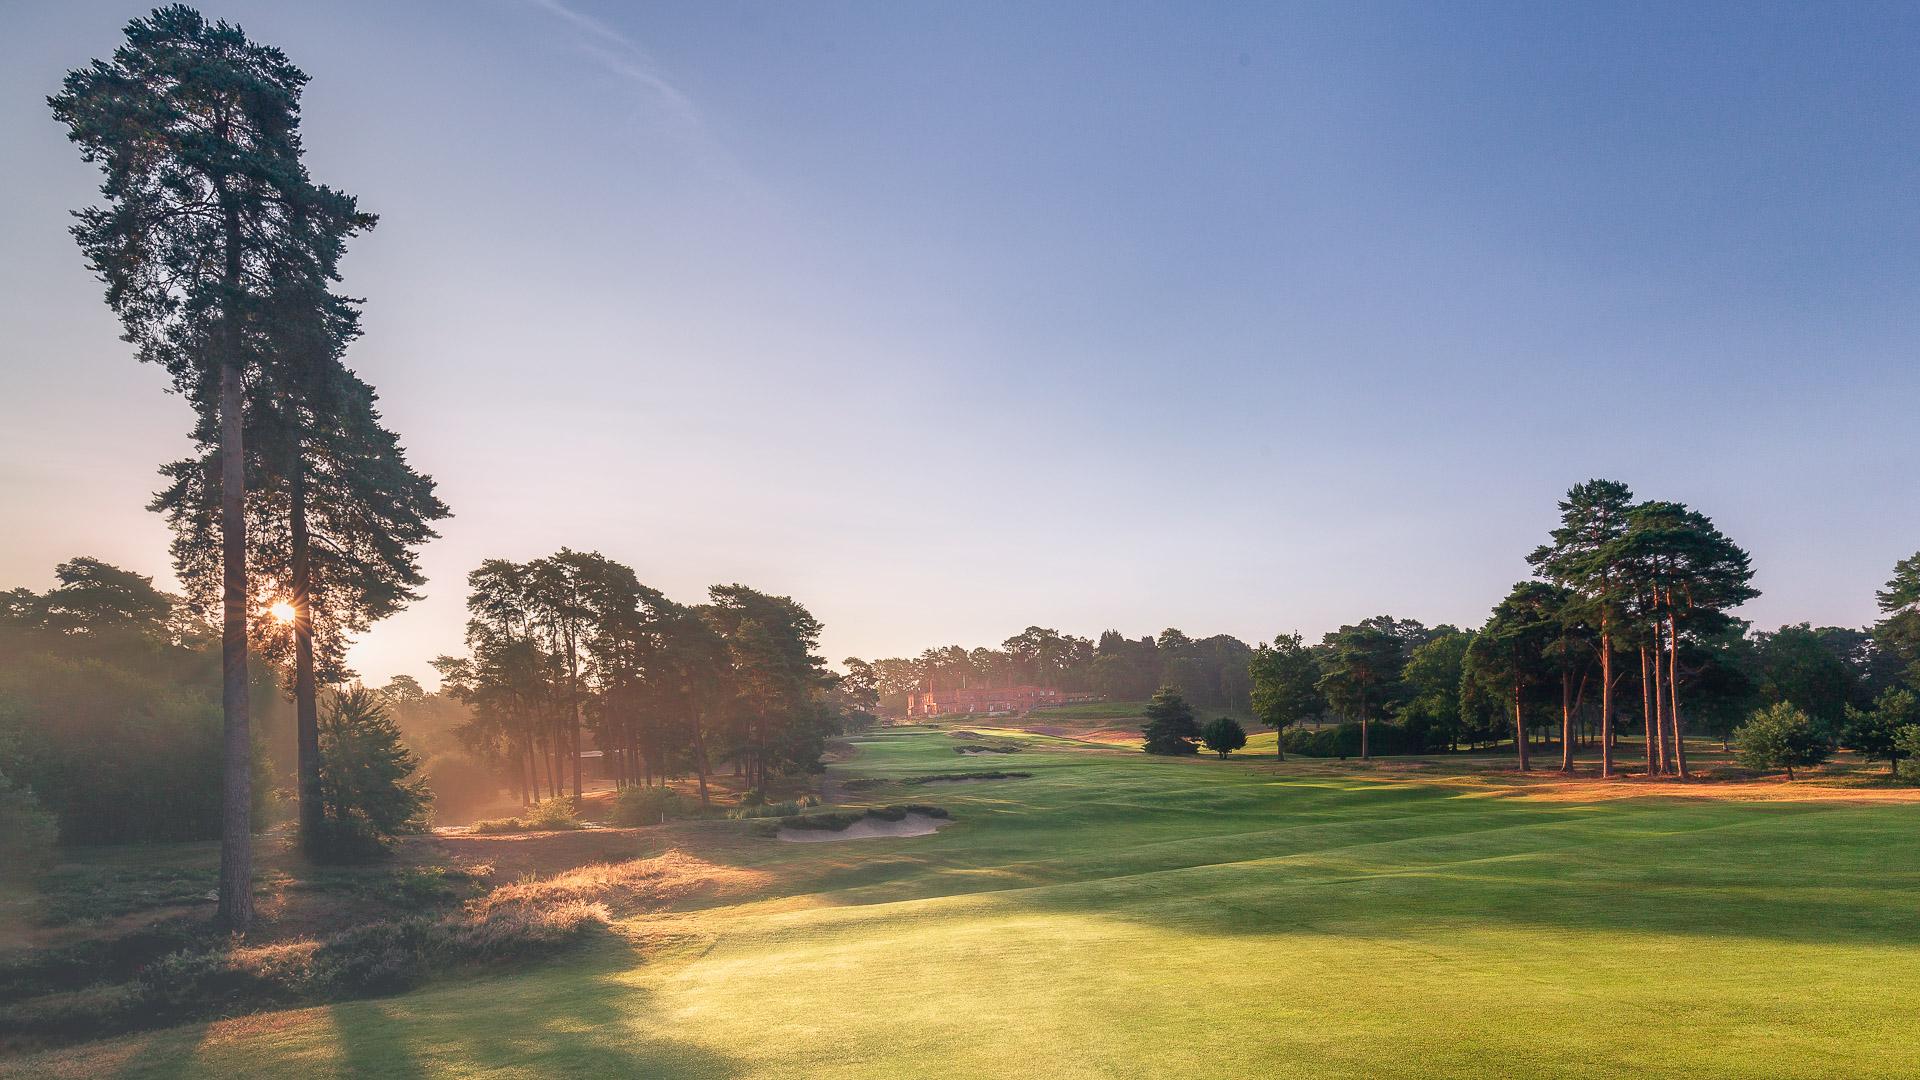 09th-Hole-St-Georges-Hill-Golf-Club-2370-Edit-2